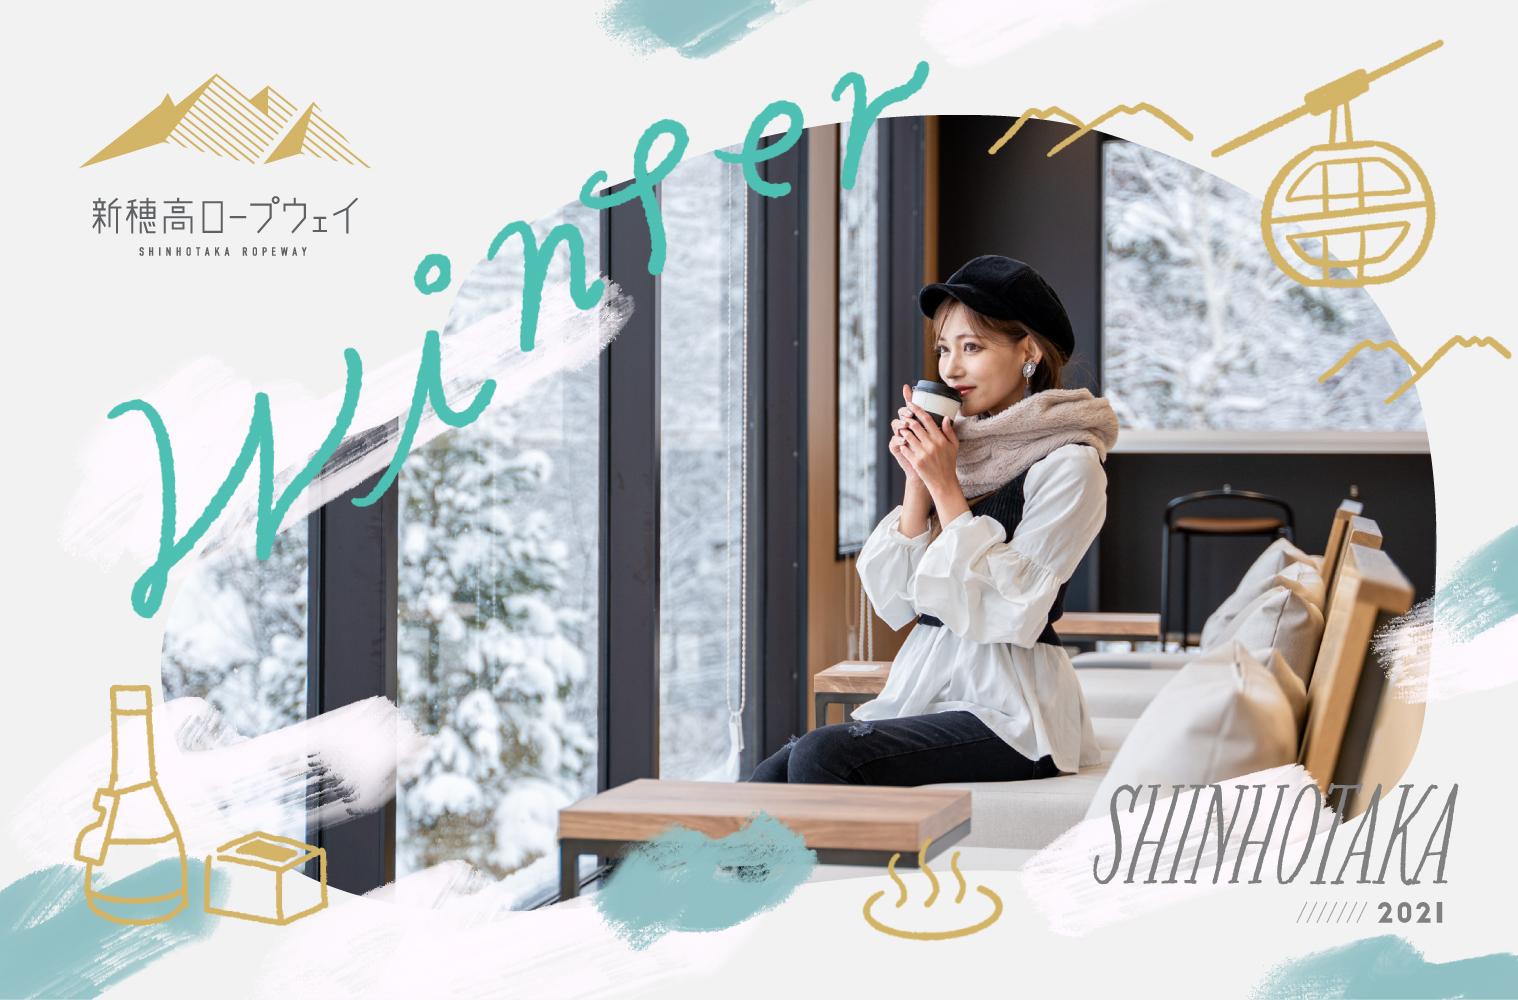 新穂高ロープウェイ|名古屋では見ることのできない白銀世界!冬の新穂高ロープウェイの景色とグルメを満喫!